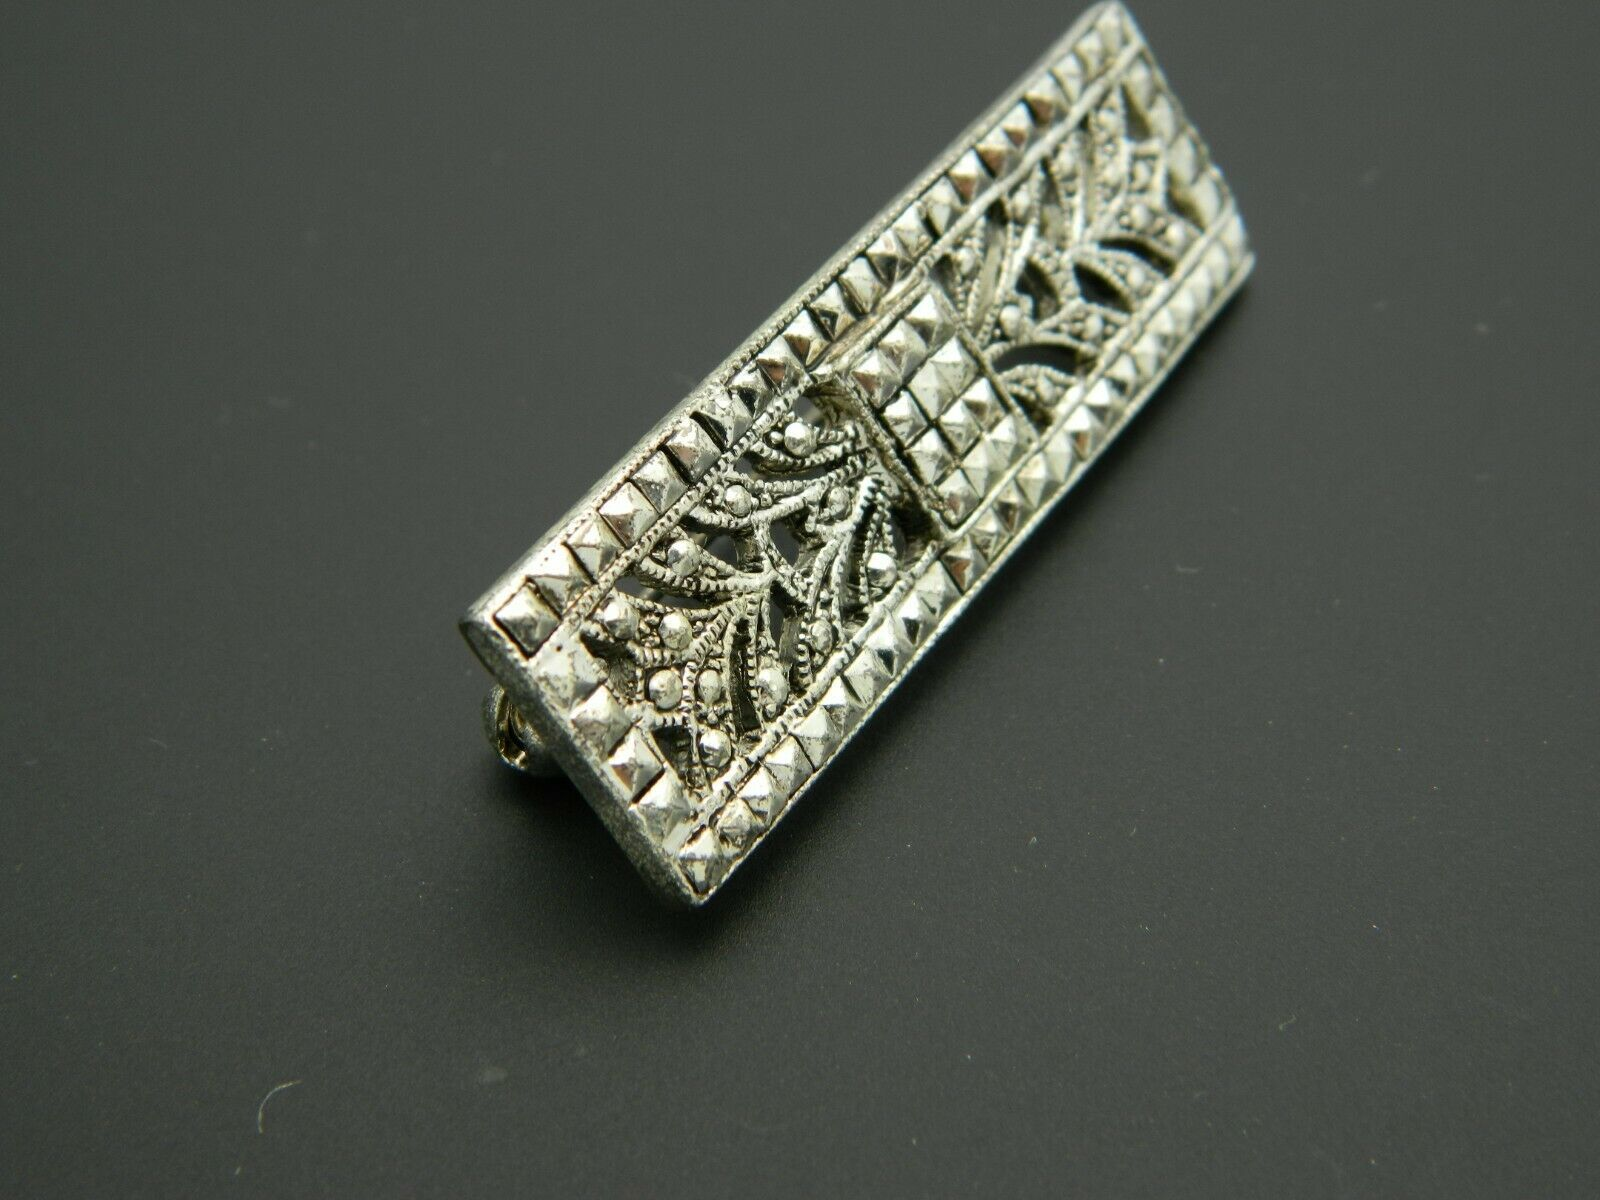 Art Nouveau Style Faux Marcasite Silver Tone Floral Pin Brooch Vintage image 2